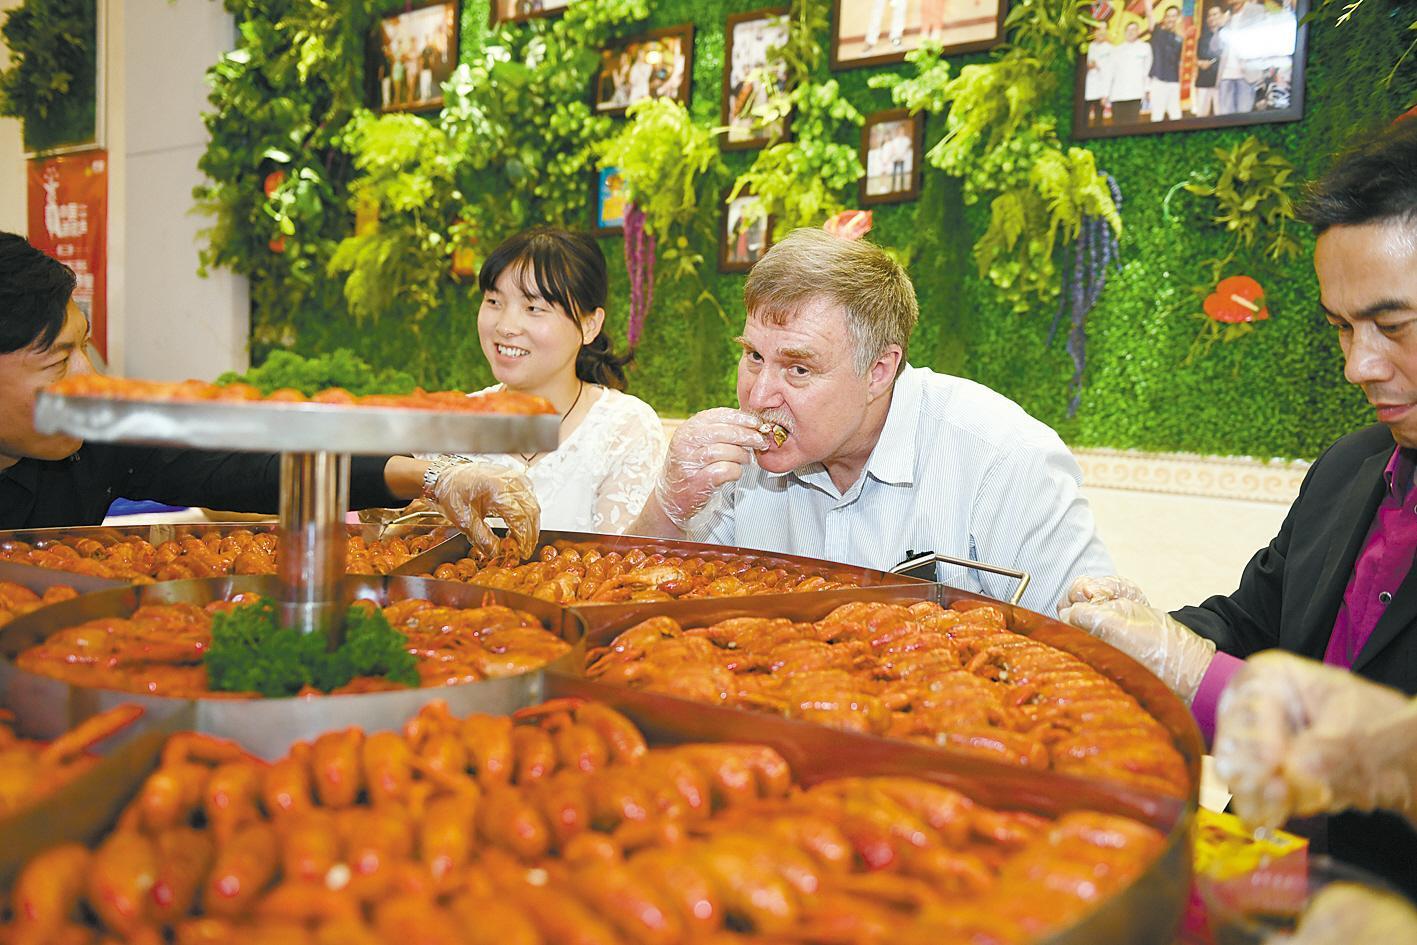 中外食客共享小龙虾大餐。